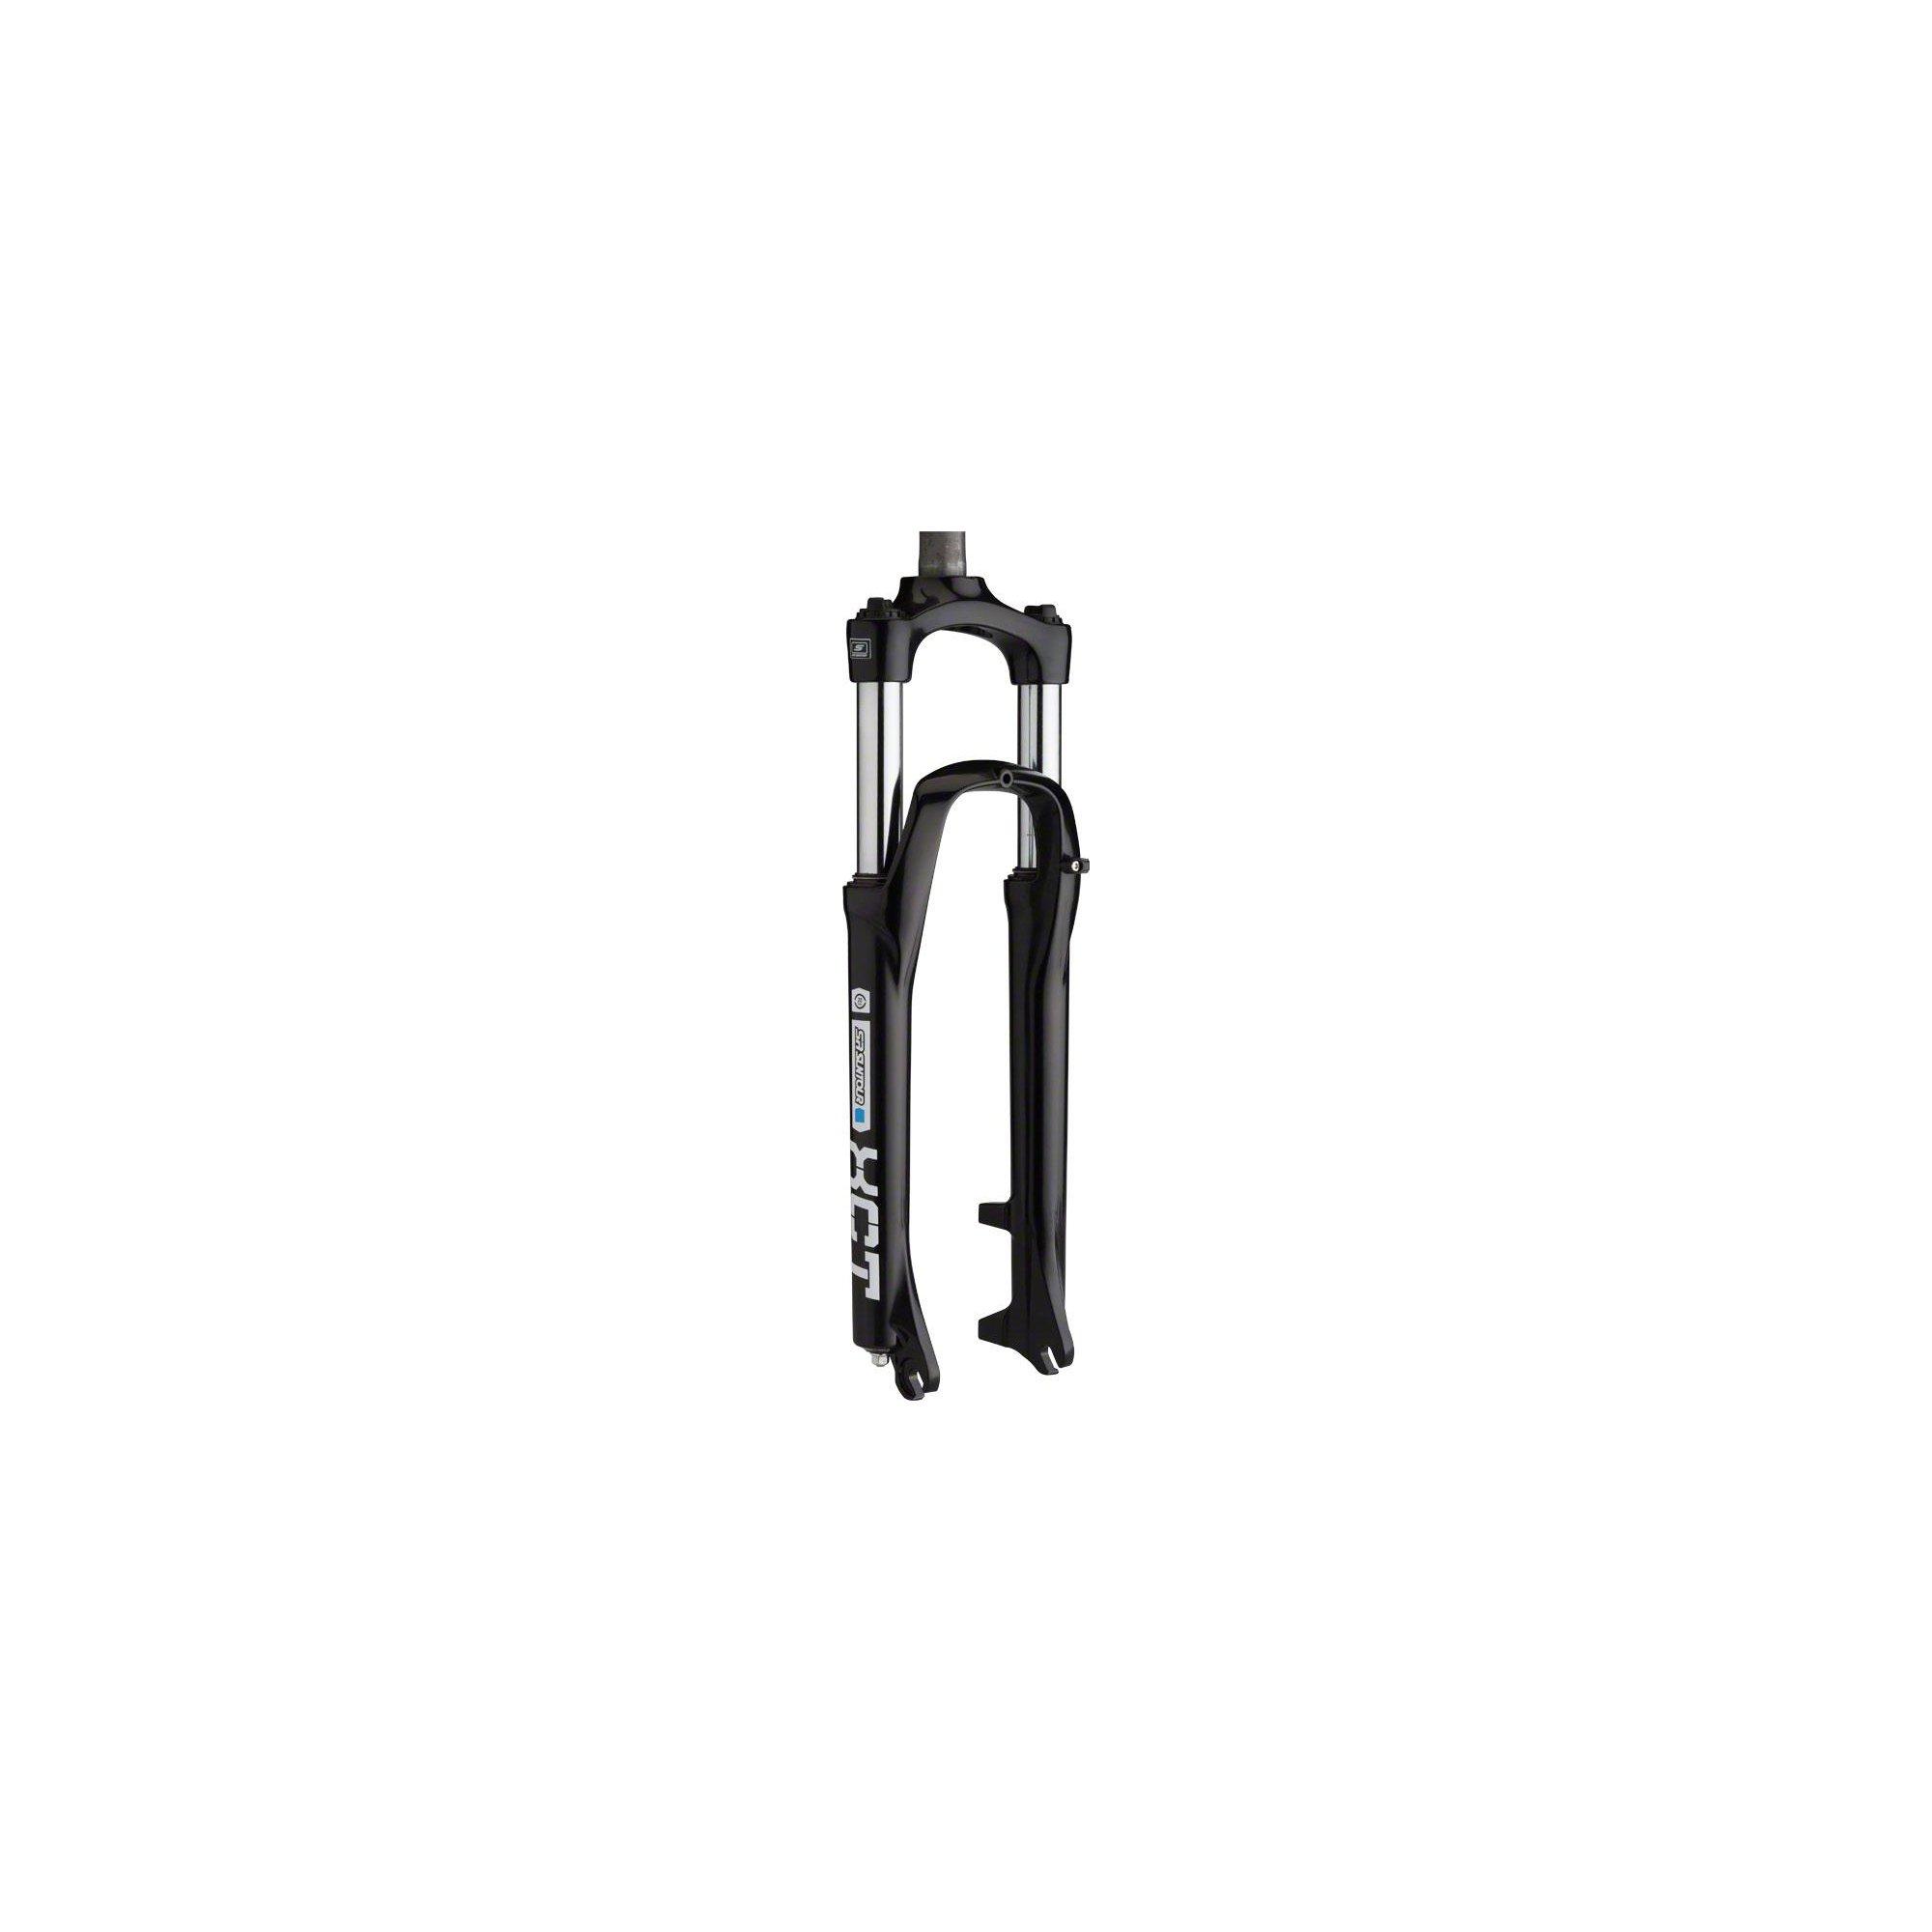 SR Suntour XCT Suspension Fork: 26'', 1-1/8'' Threadless Steerer, 100mm Travel, Disc, Black